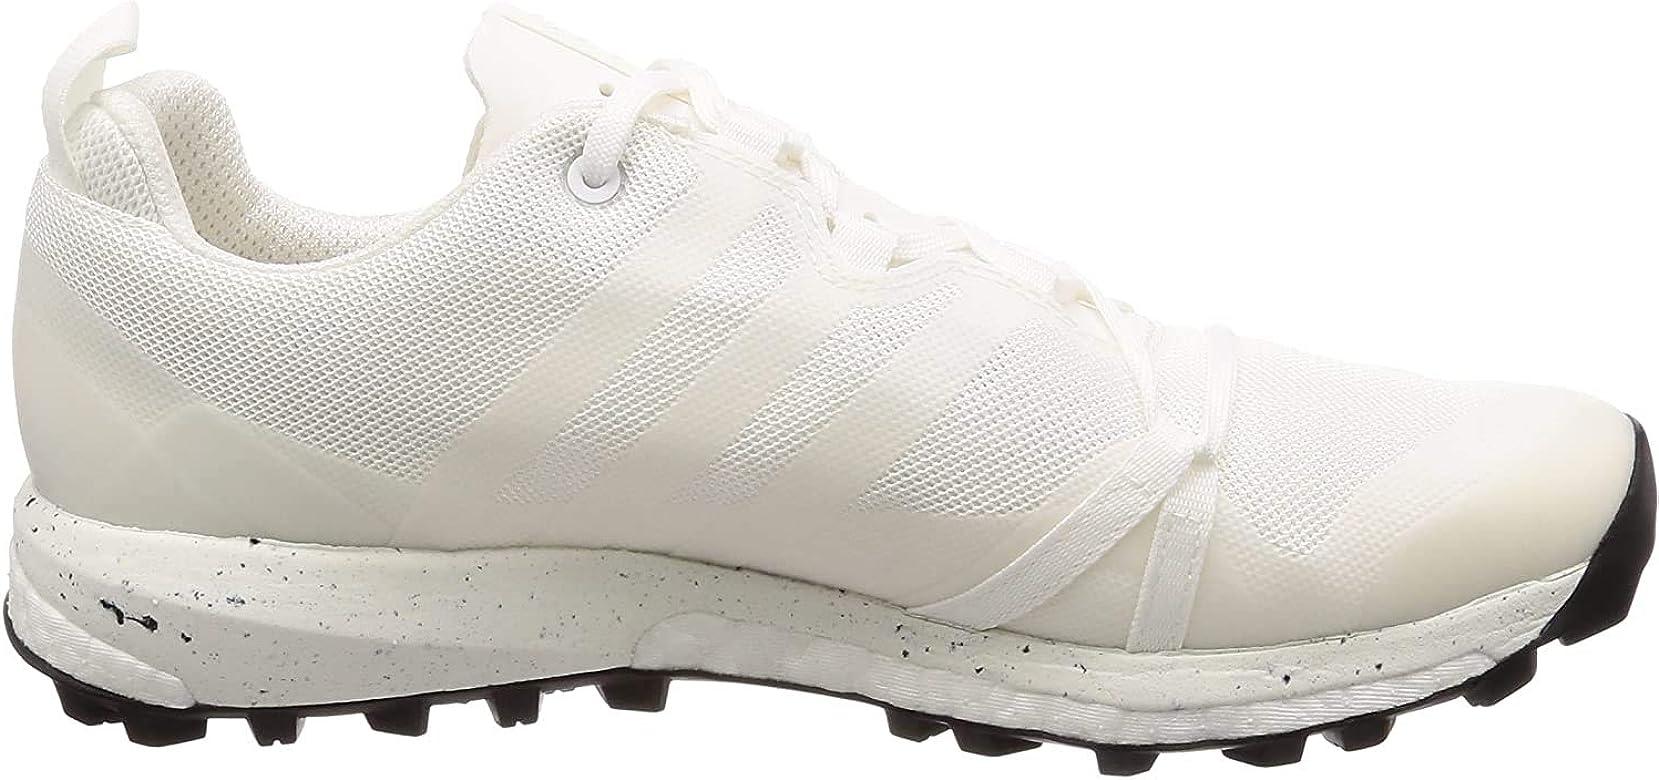 Adidas Terrex Agravic, Zapatillas de Trail Running para Hombre, Blanco (Nondye/Ftwbla/Negbás 000), 40 2/3 EU: Amazon.es: Zapatos y complementos